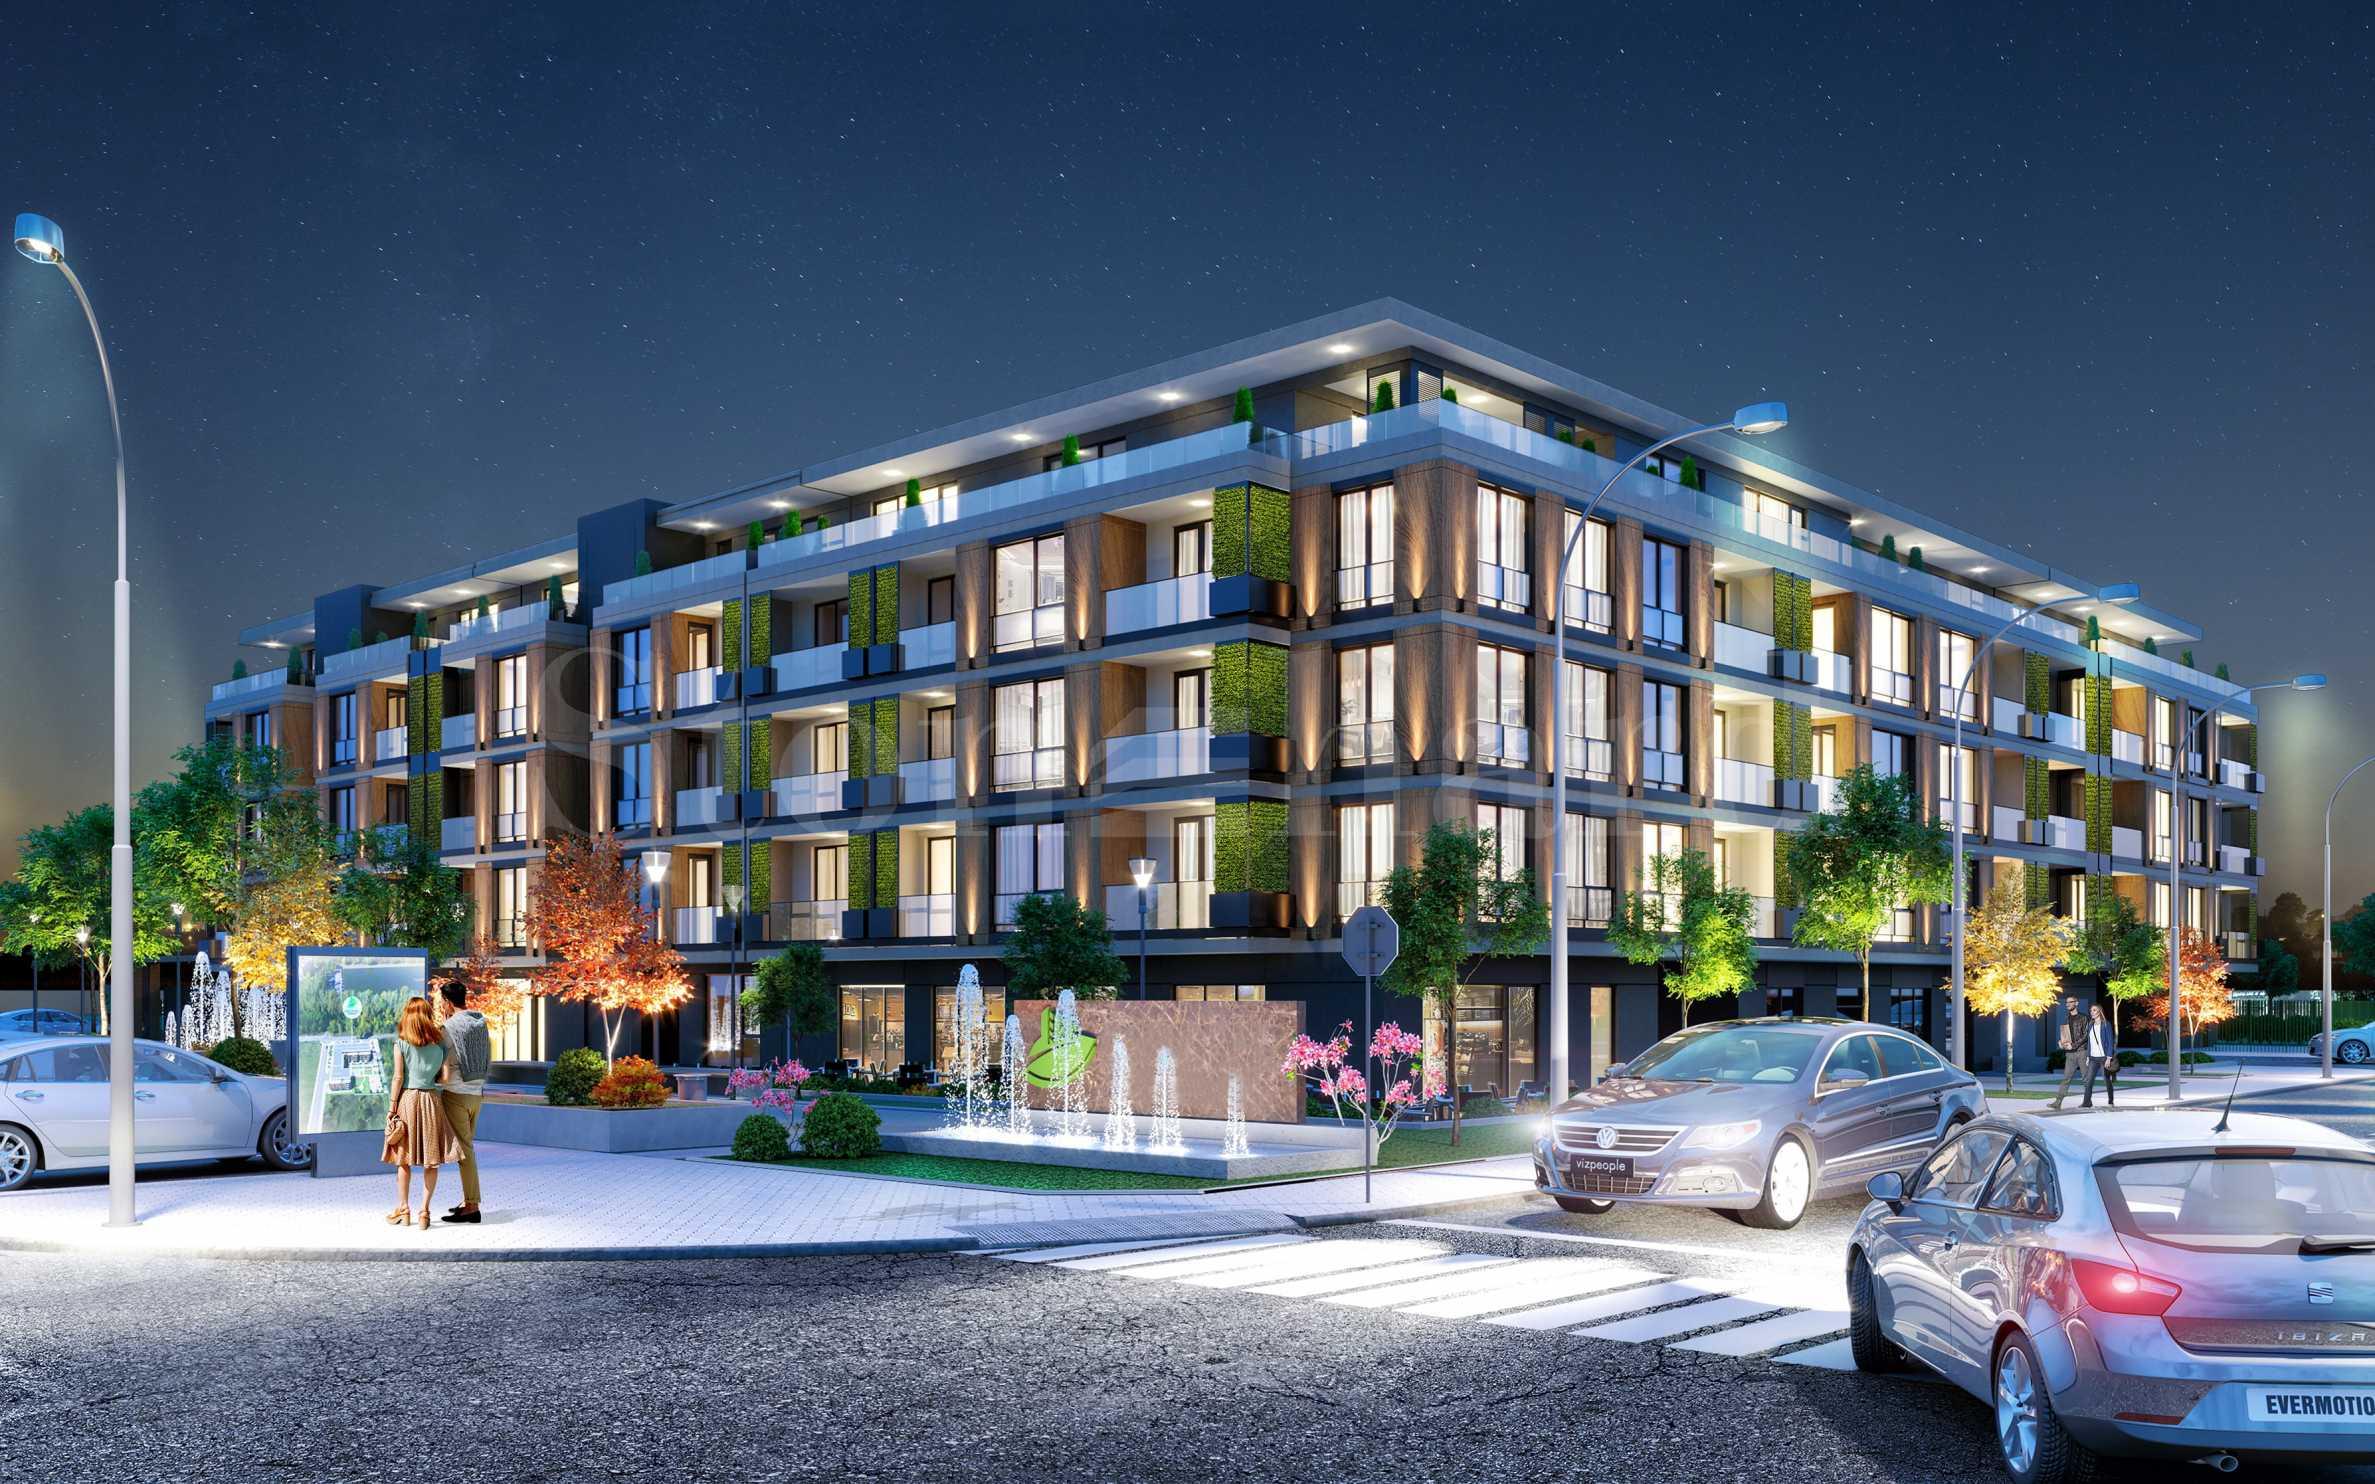 Апартаменти в луксозен комплекс до Гребната база2 - Stonehard